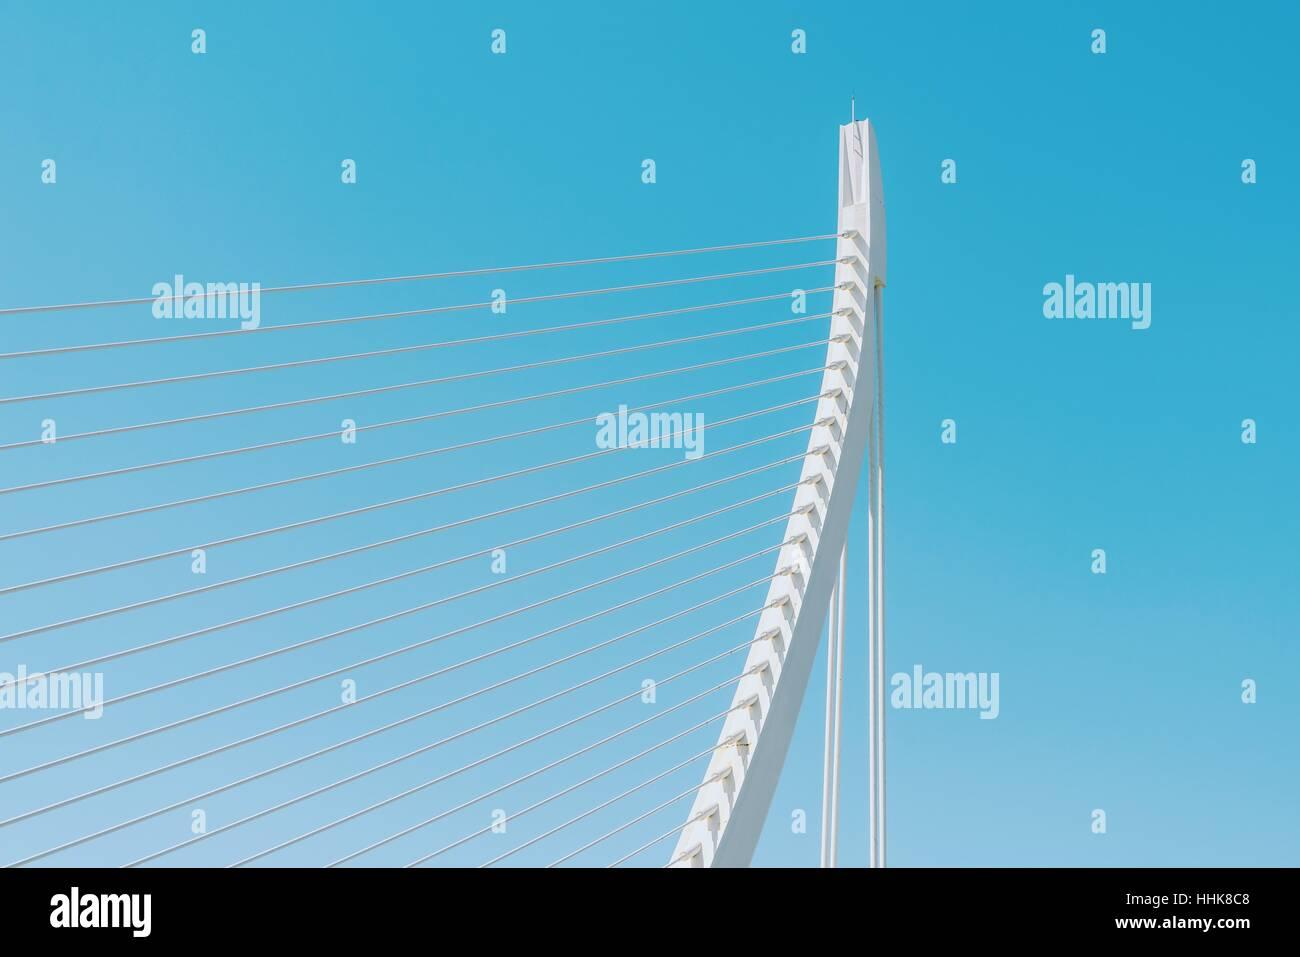 Weiss abstrakt Brückenbauwerk auf Sky Stockfoto